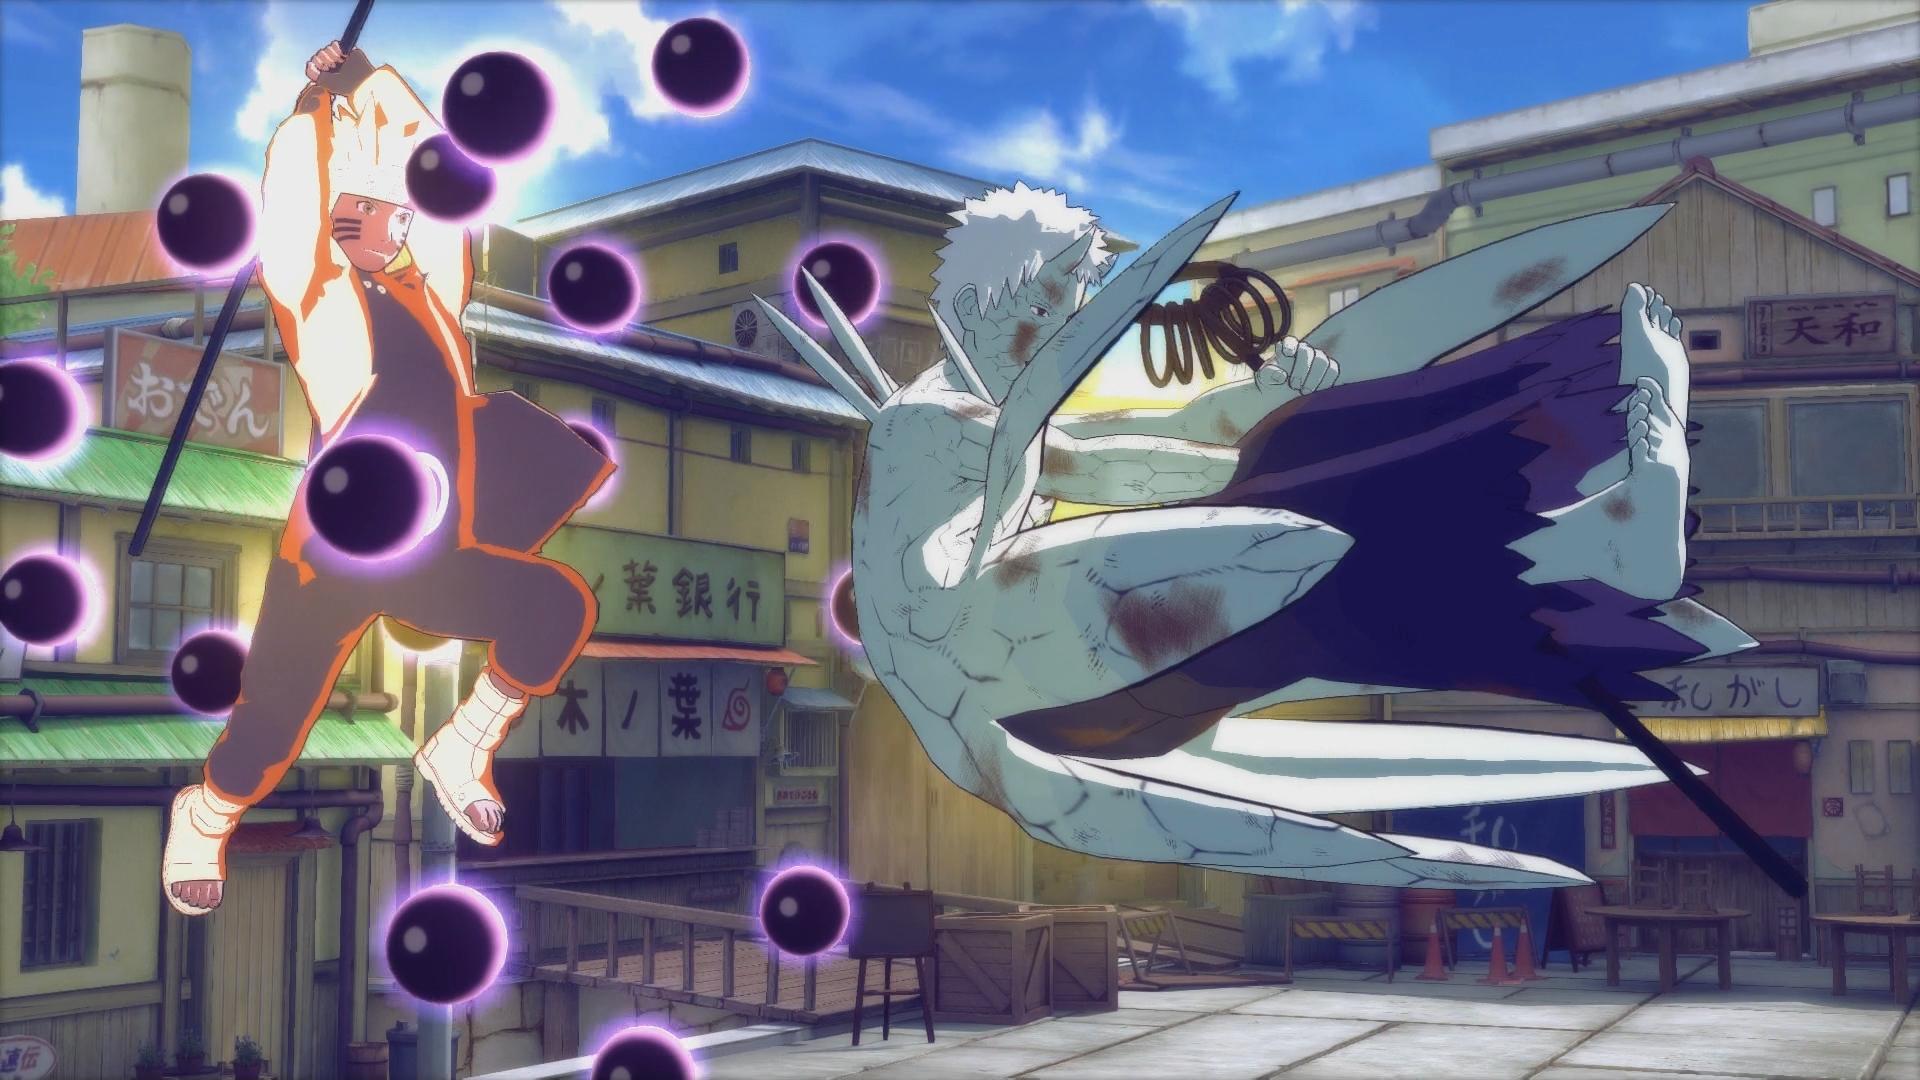 naruto-sky-fight-image